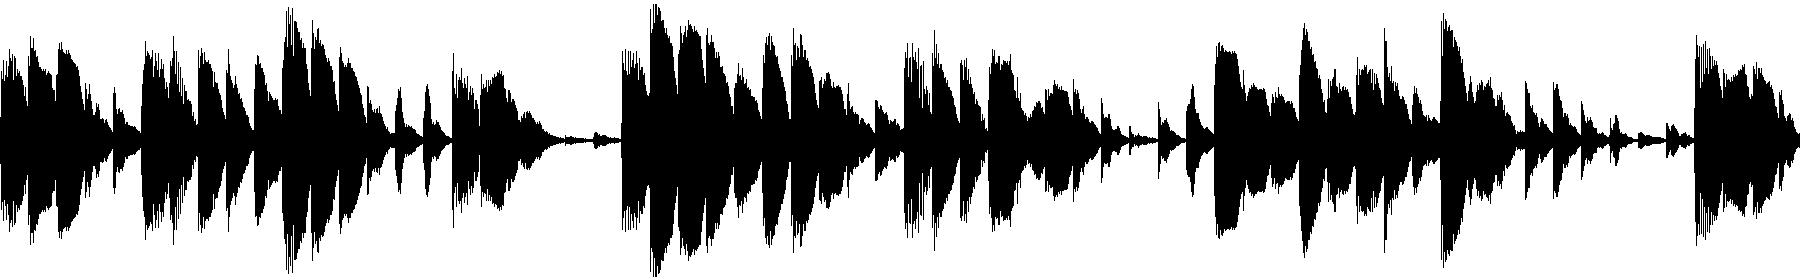 dgt2 06 lp 128 arp c